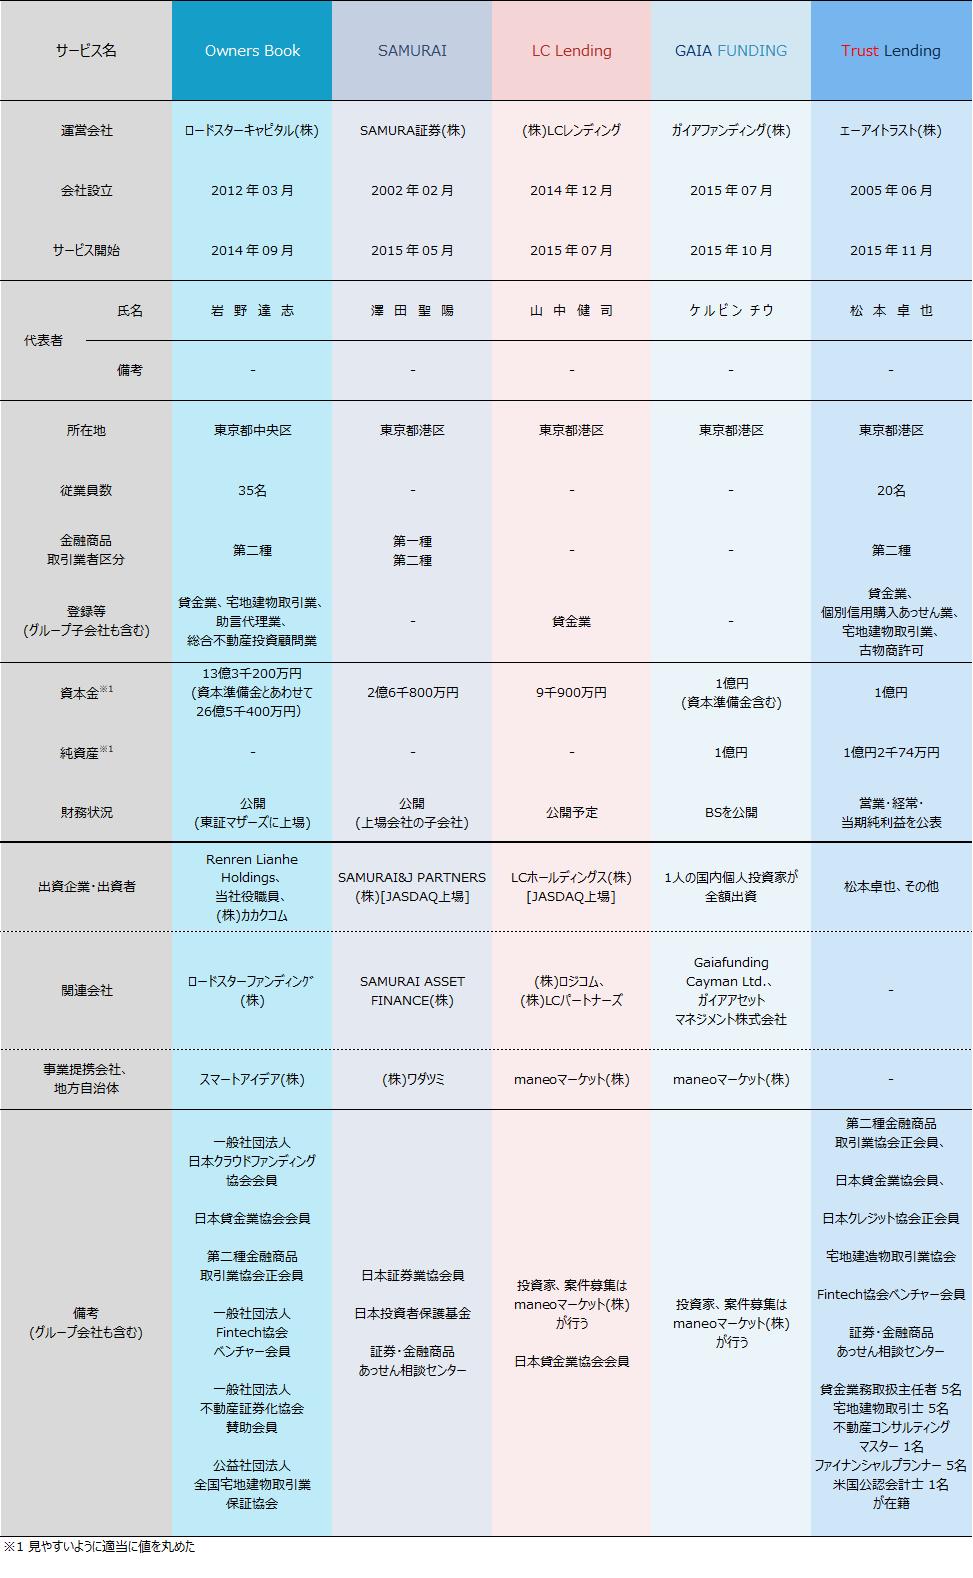 02_ソーシャルレンディング各社比較